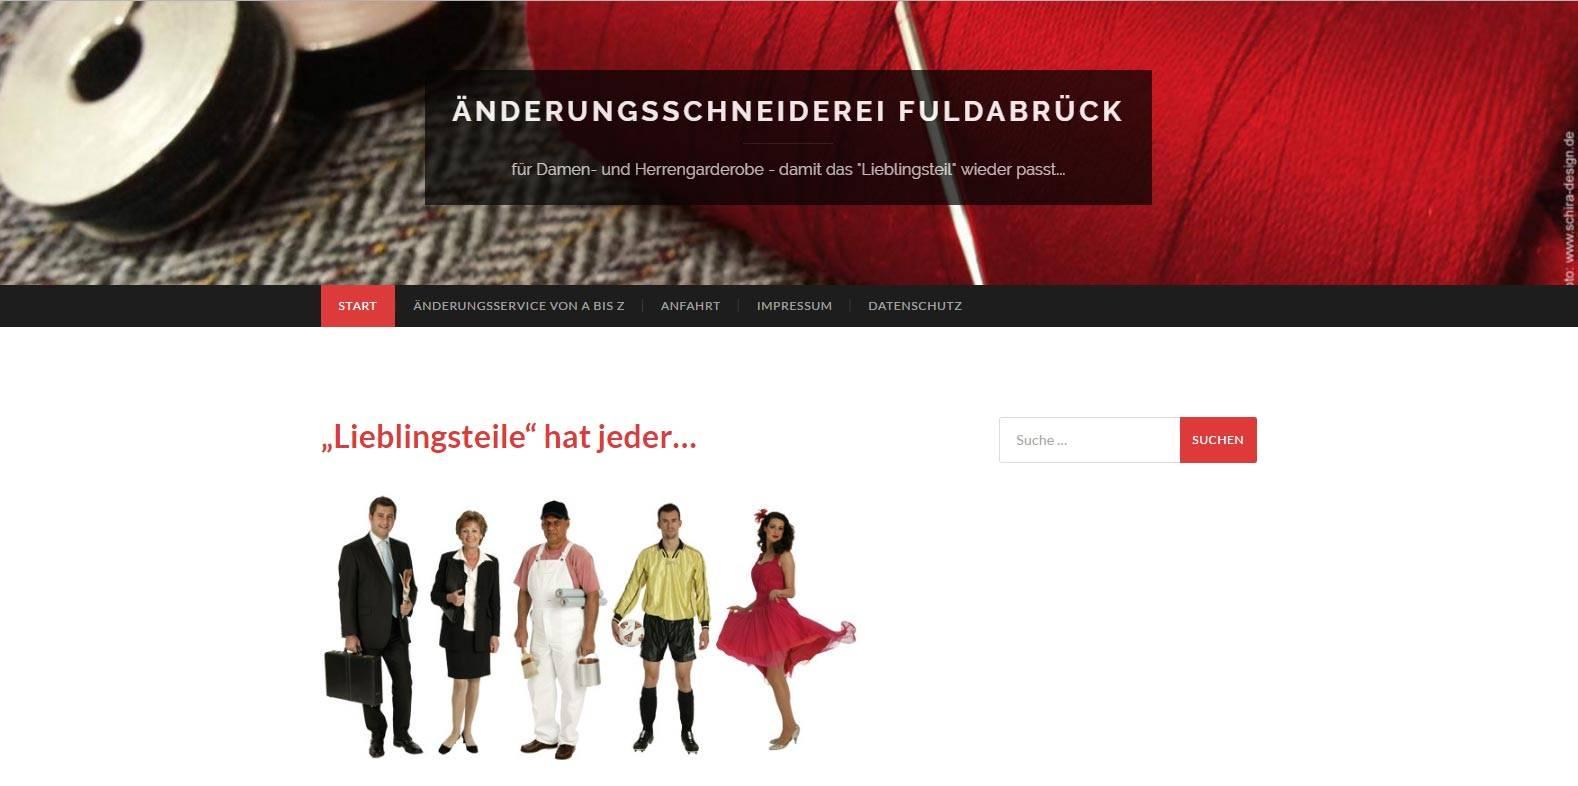 Homepage und Webdesign von Schira-Design Kassel für die Änderungsschneiderei Fuldabrück